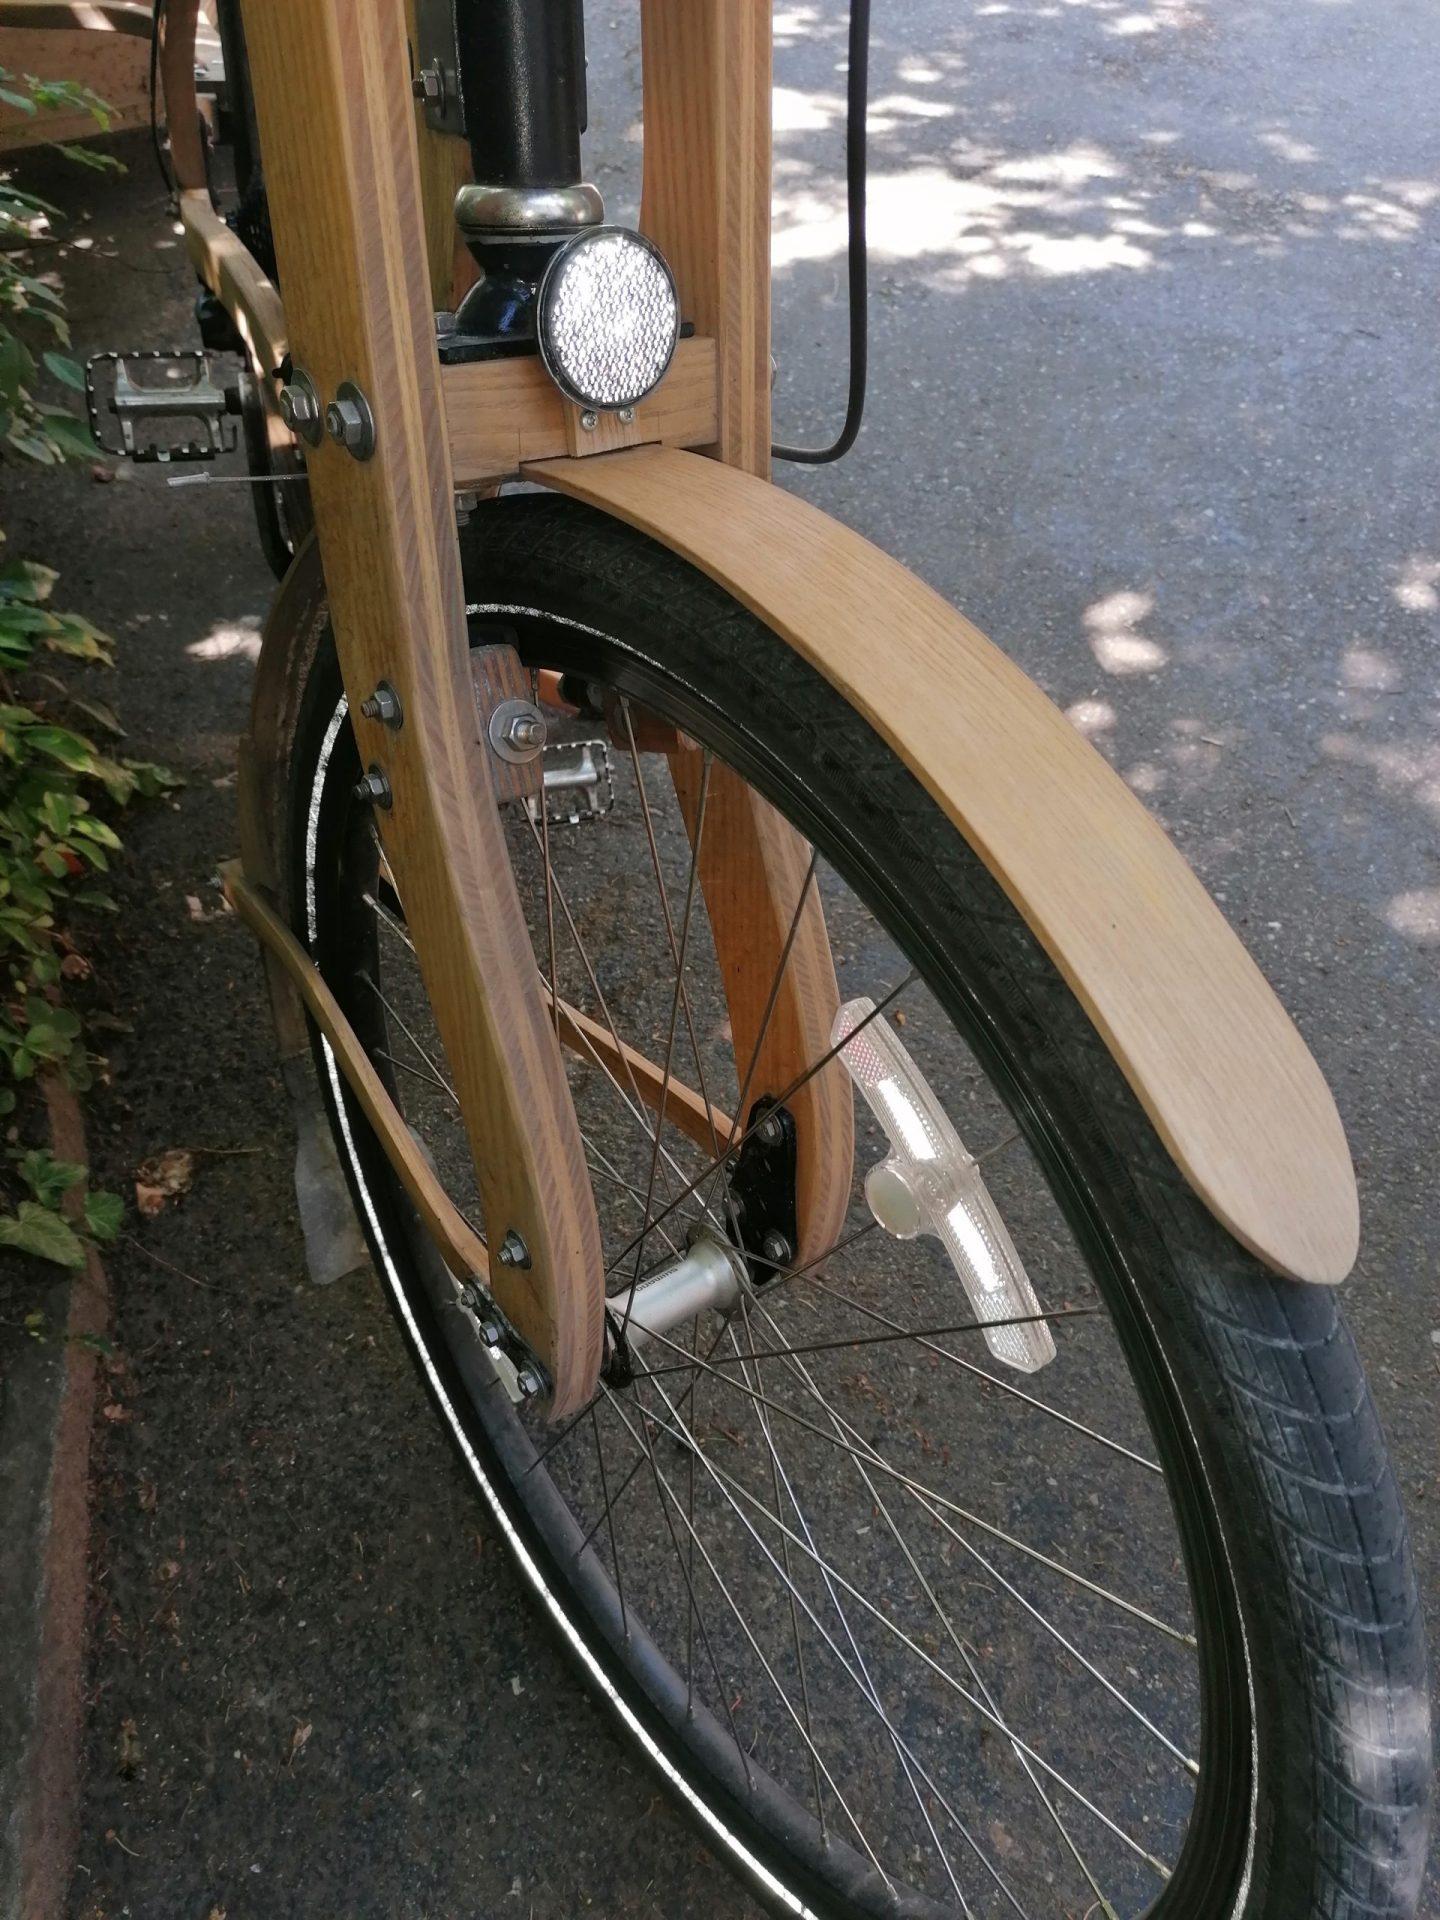 Veloliebe mit E-Bike aus Holz von Christian Gerber